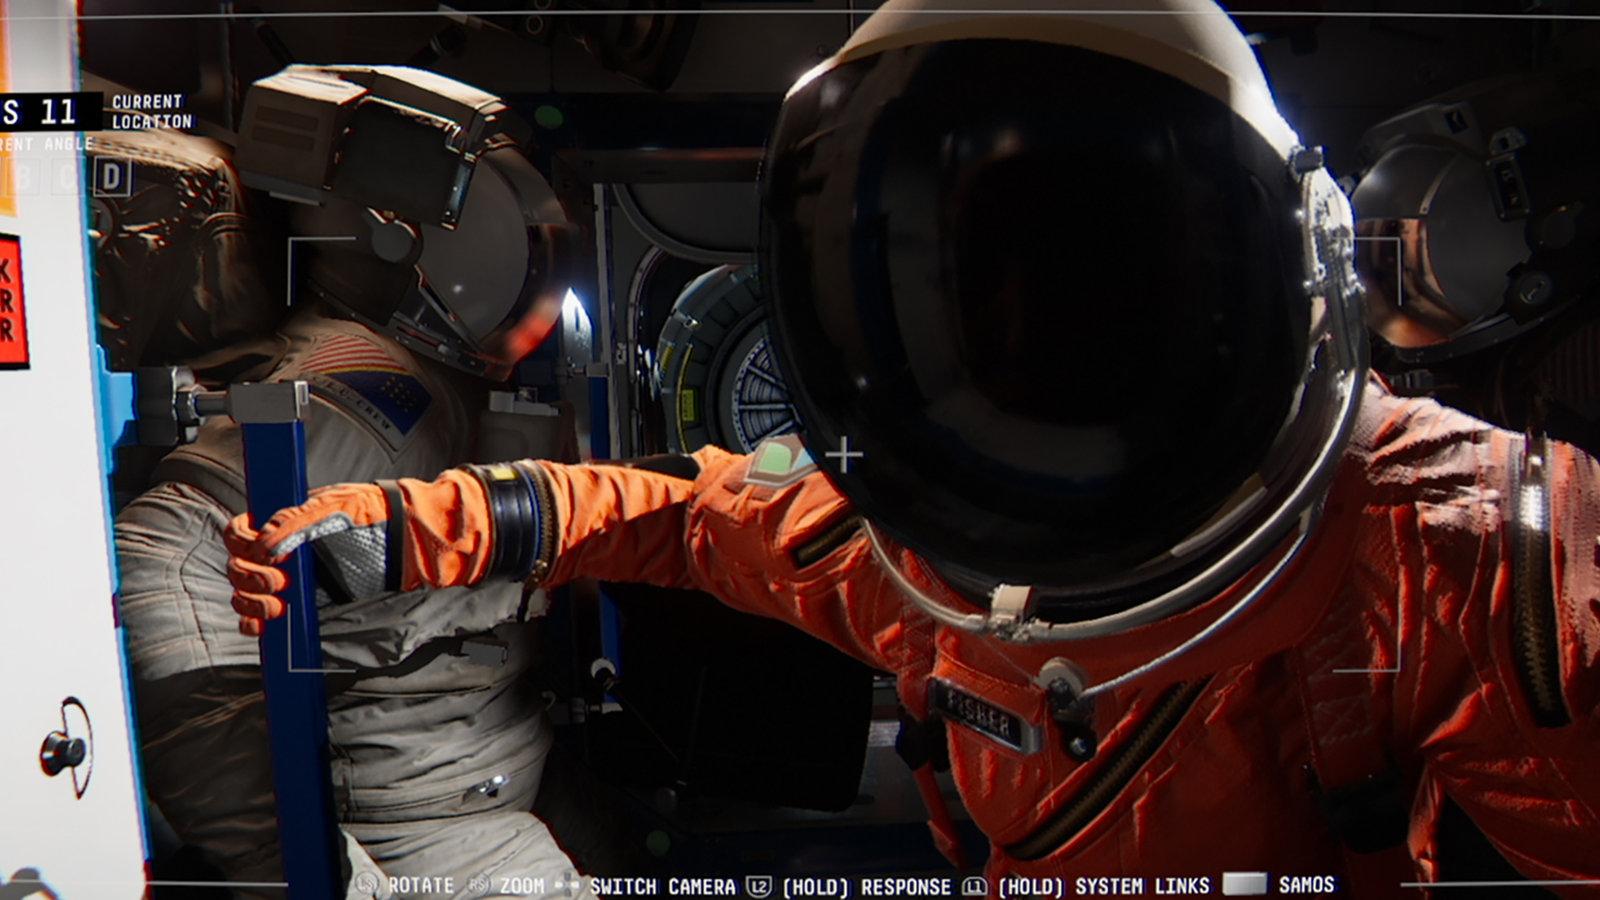 Observation image 3